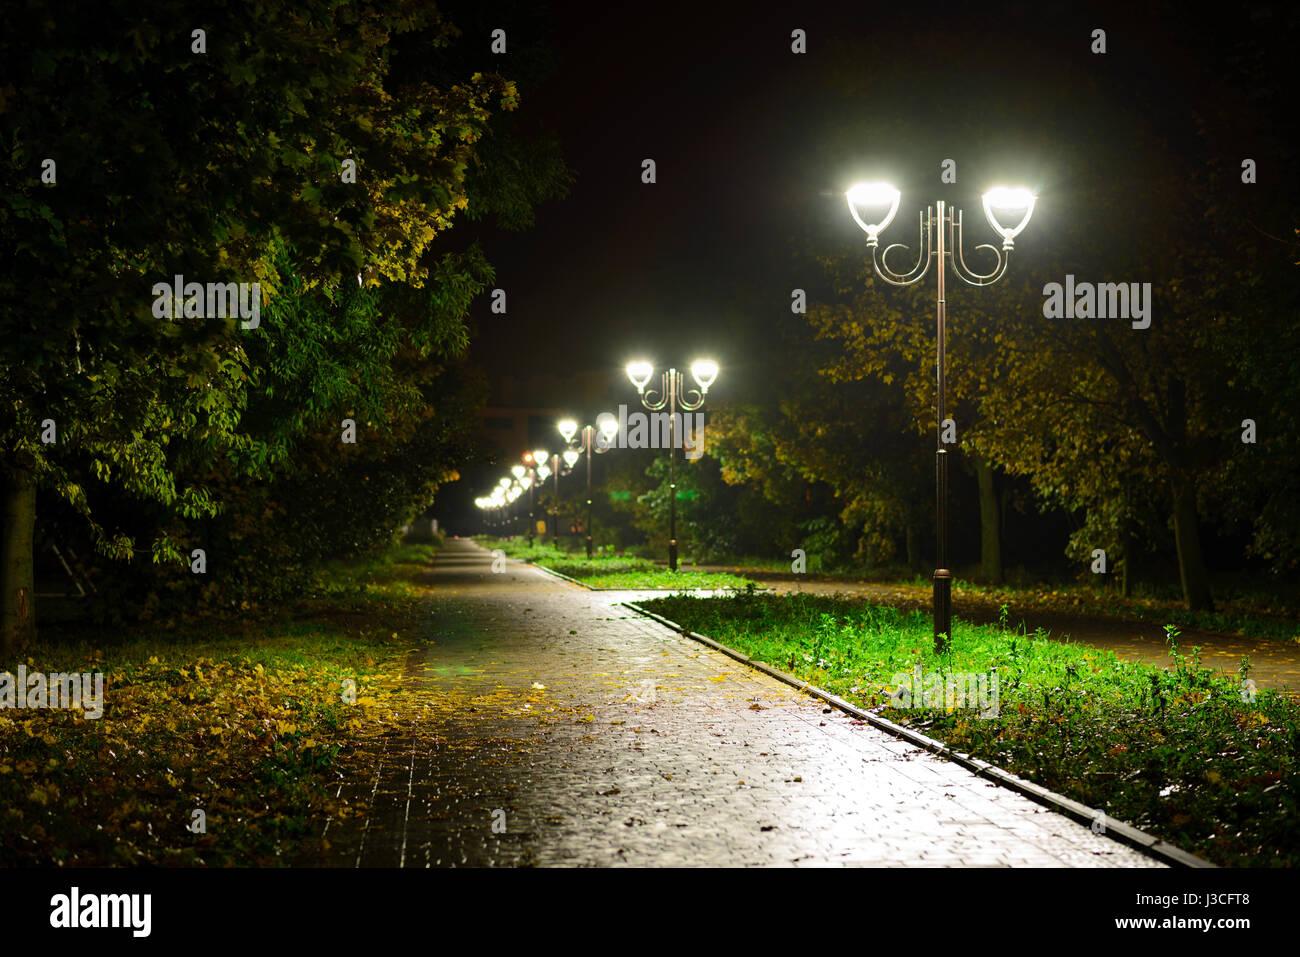 Parco lanterne di notte luci: una vista di un vialetto pedonale